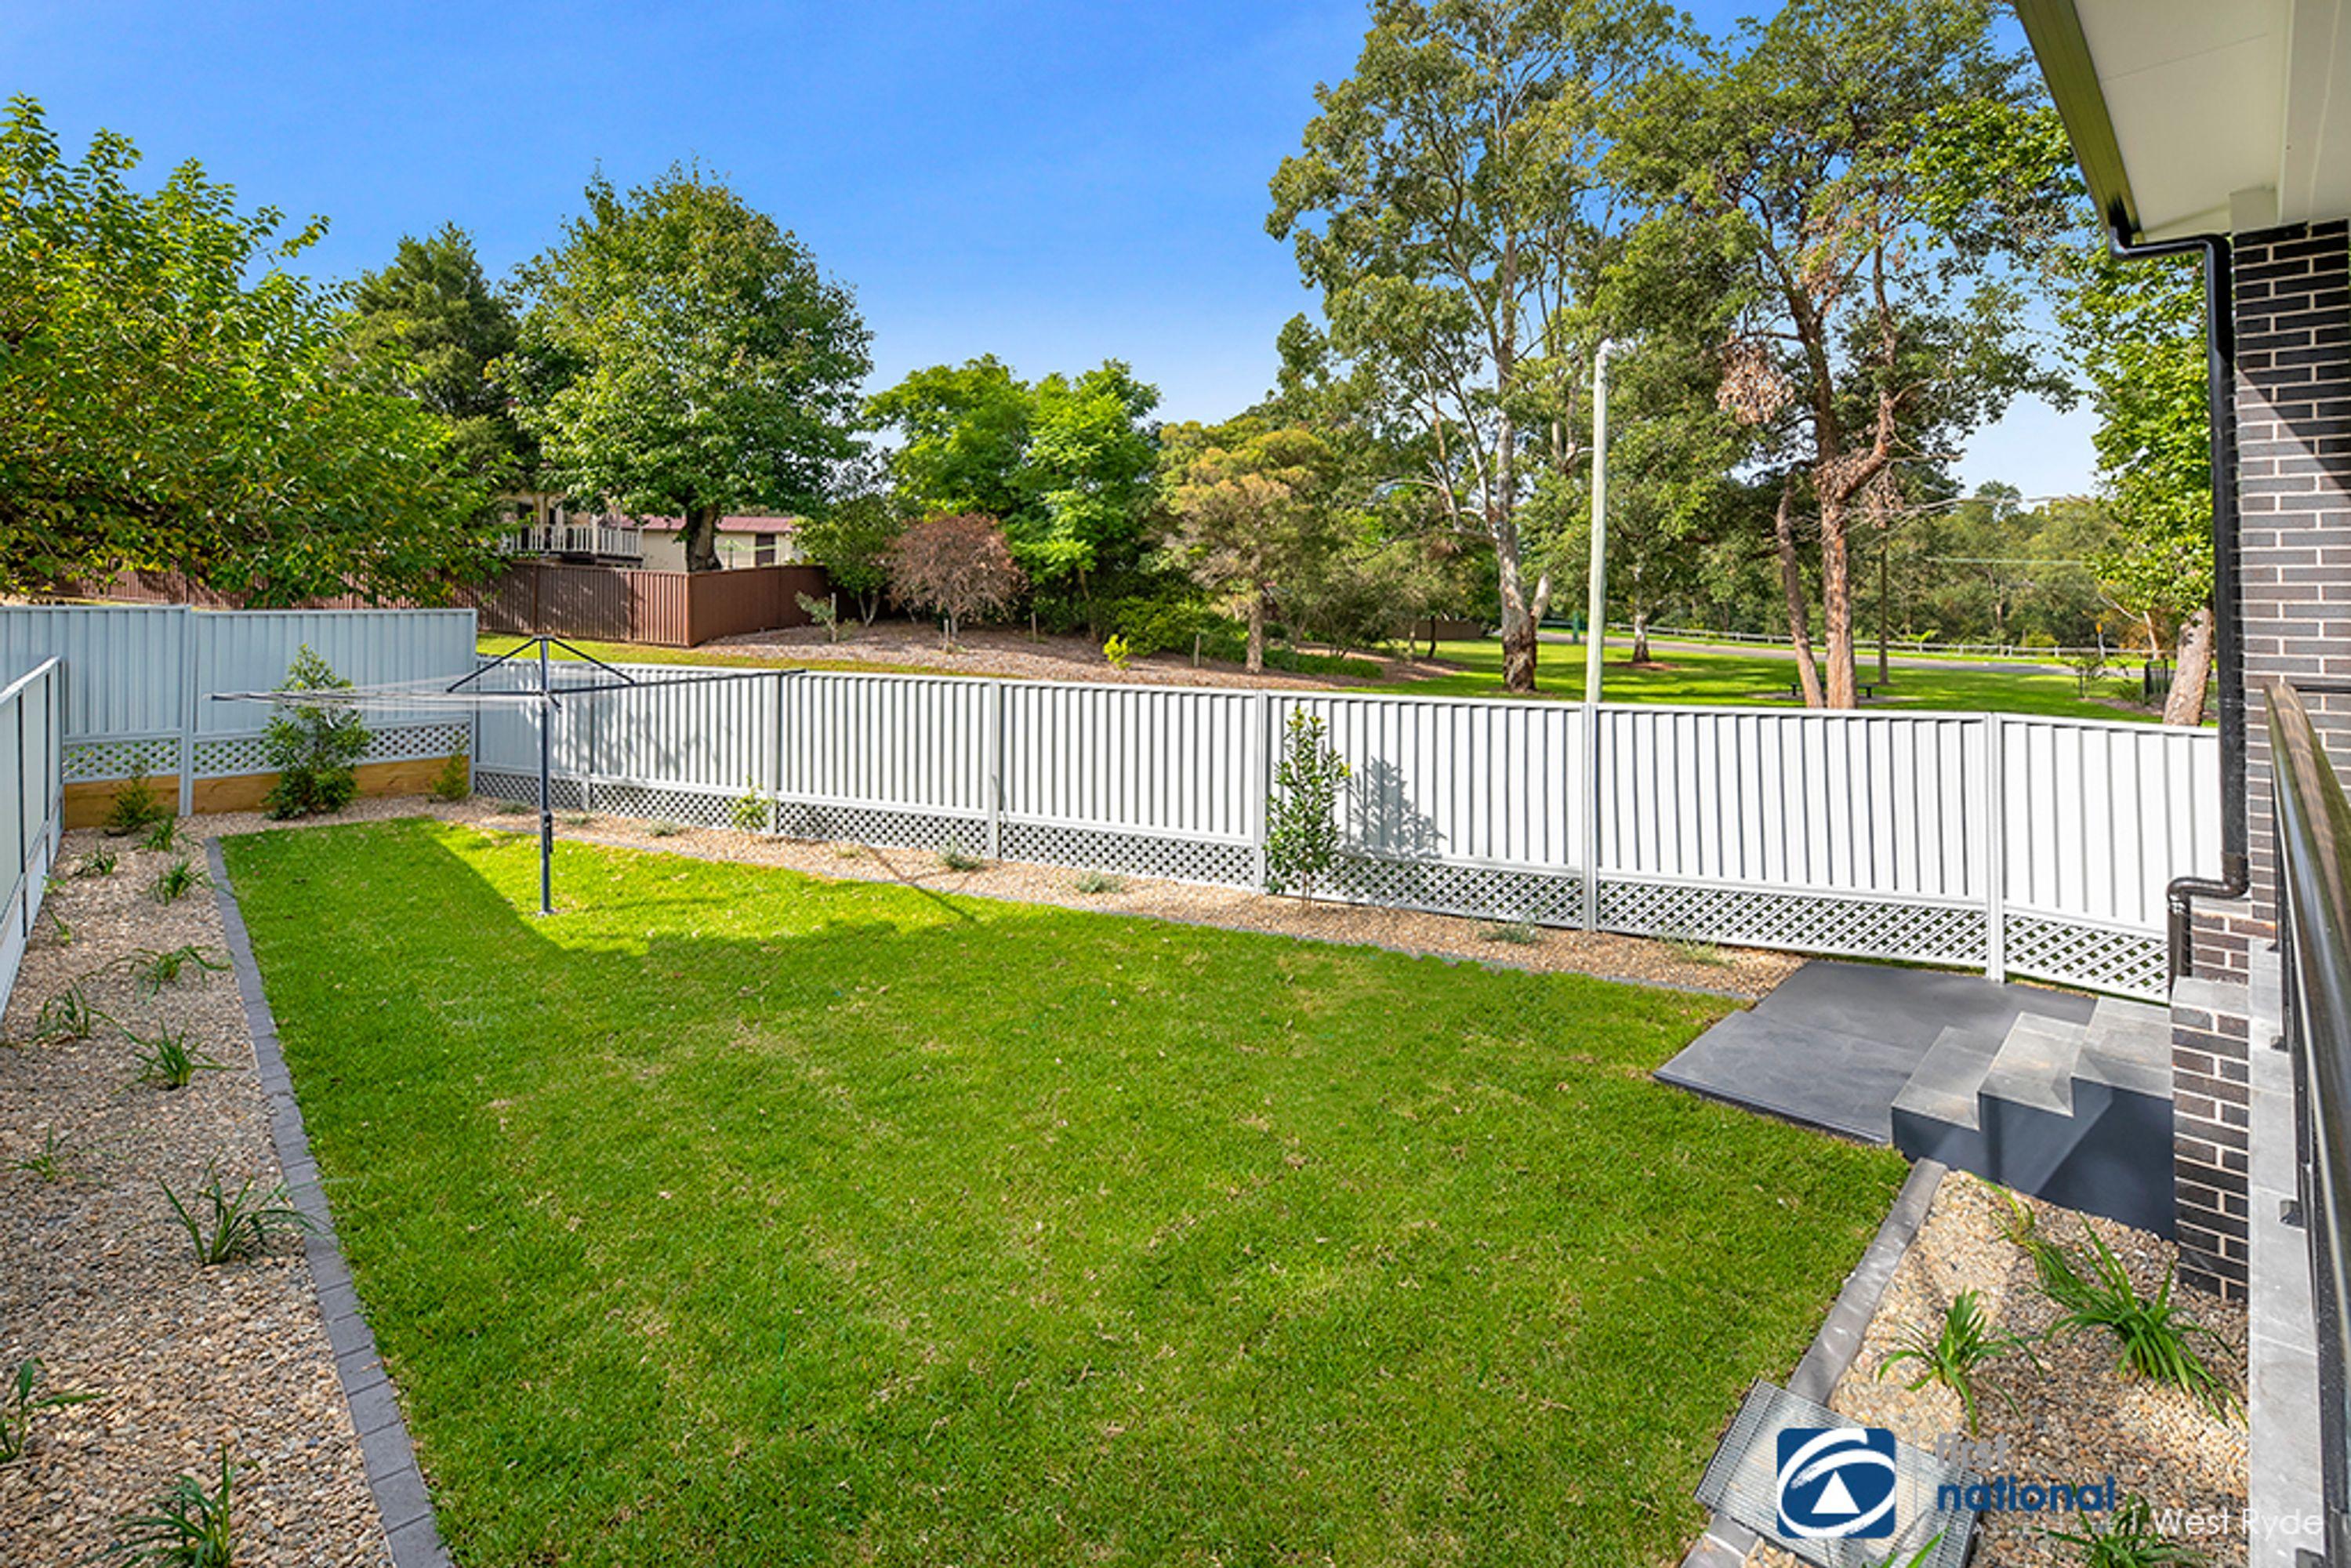 2a Gibbons Street, Oatlands, NSW 2117